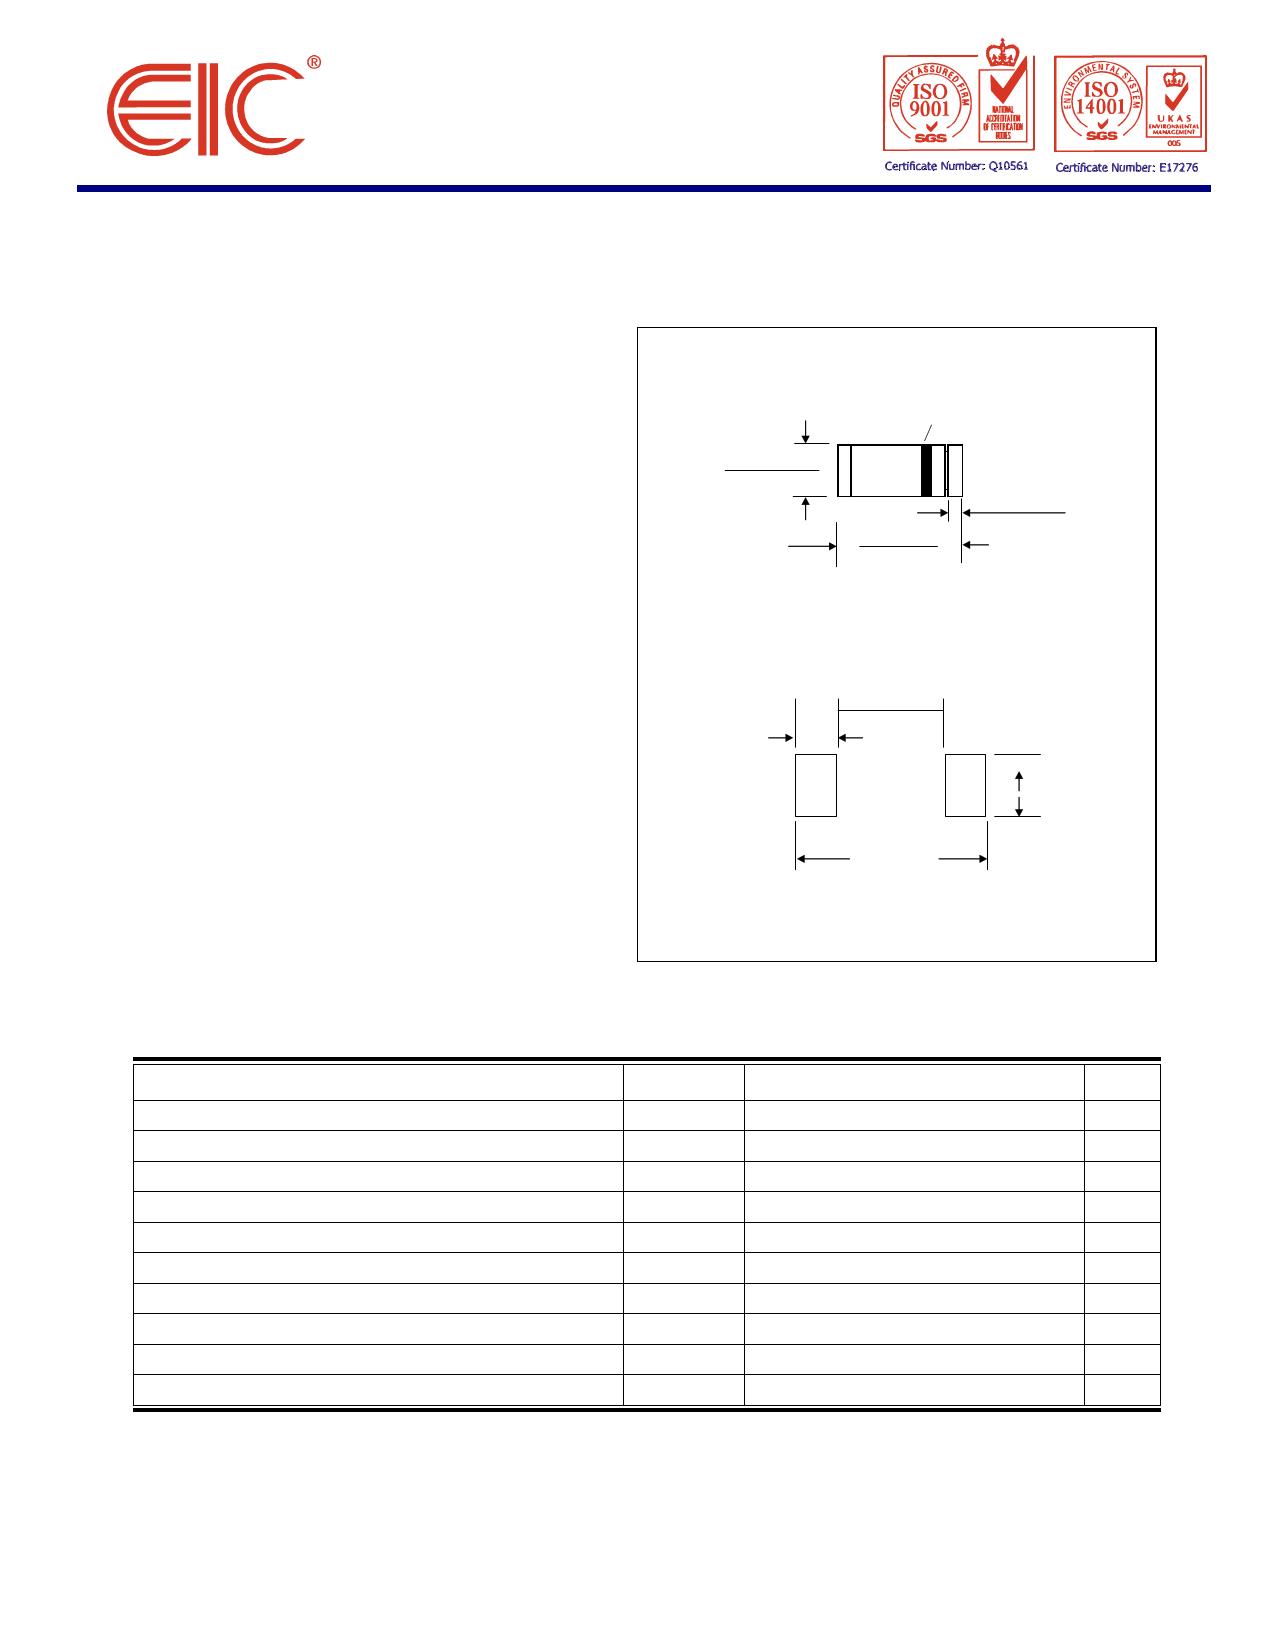 BZV55B5V6 Datasheet, BZV55B5V6 PDF,ピン配置, 機能